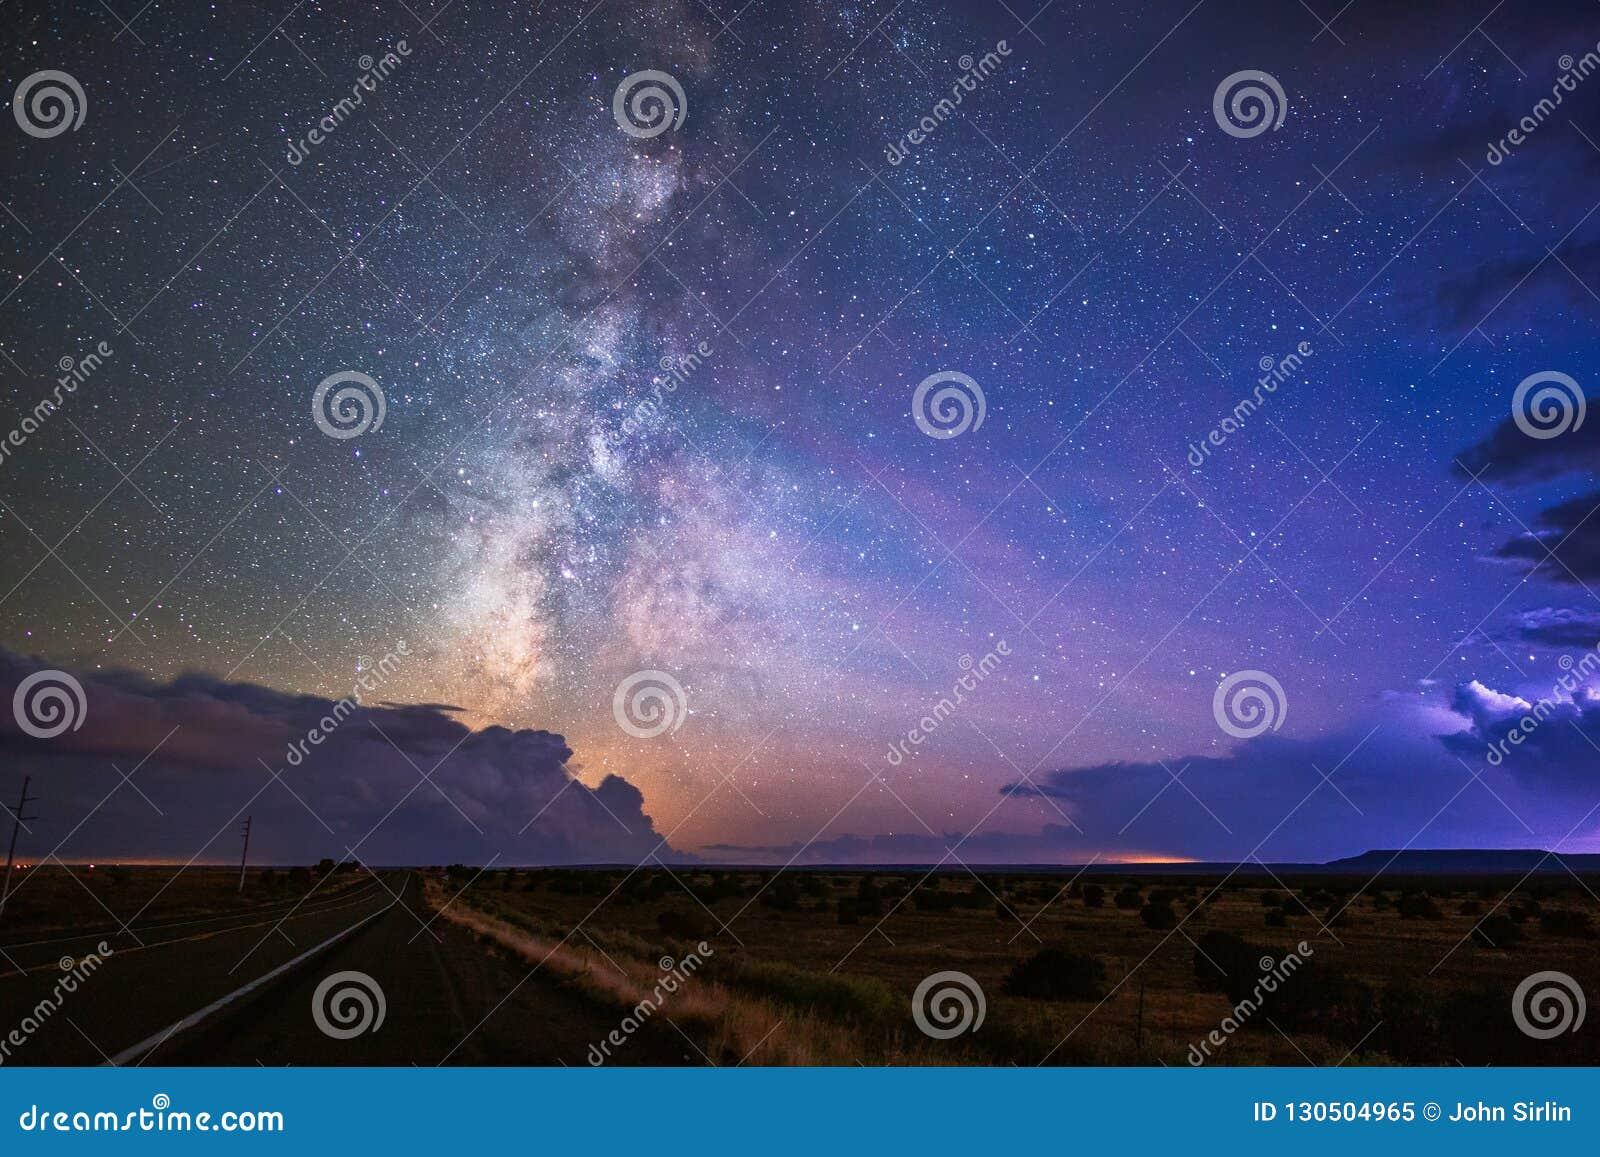 Ο γαλακτώδης τρόπος και ο έναστρος νυχτερινός ουρανός μεταξύ της καταιγίδας καλύπτουν